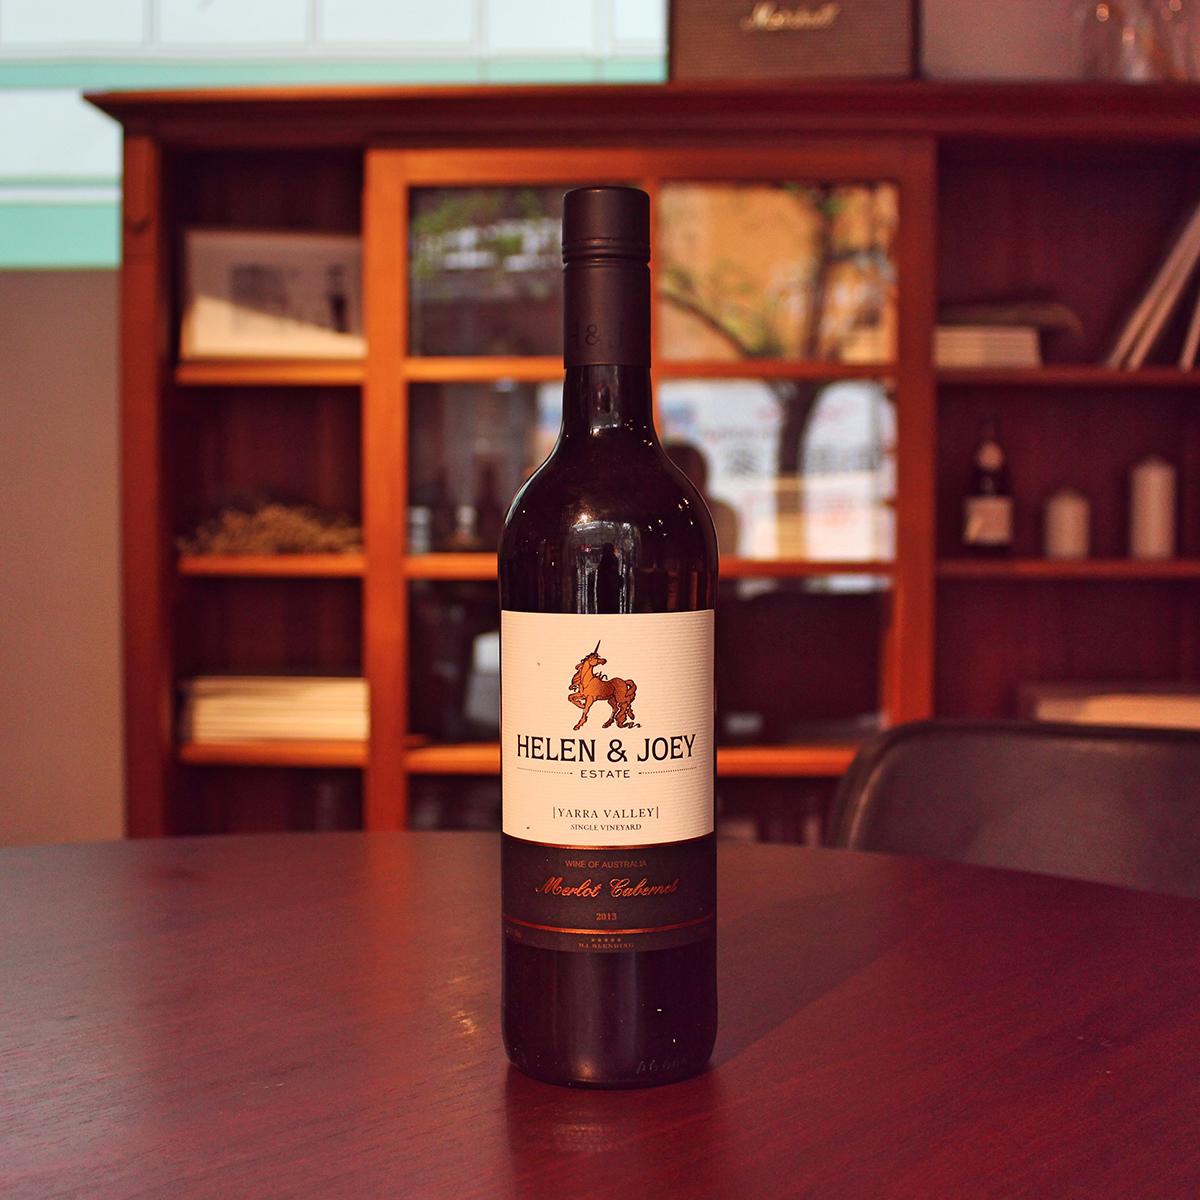 紅角莊2013梅洛赤霞珠干紅葡萄酒